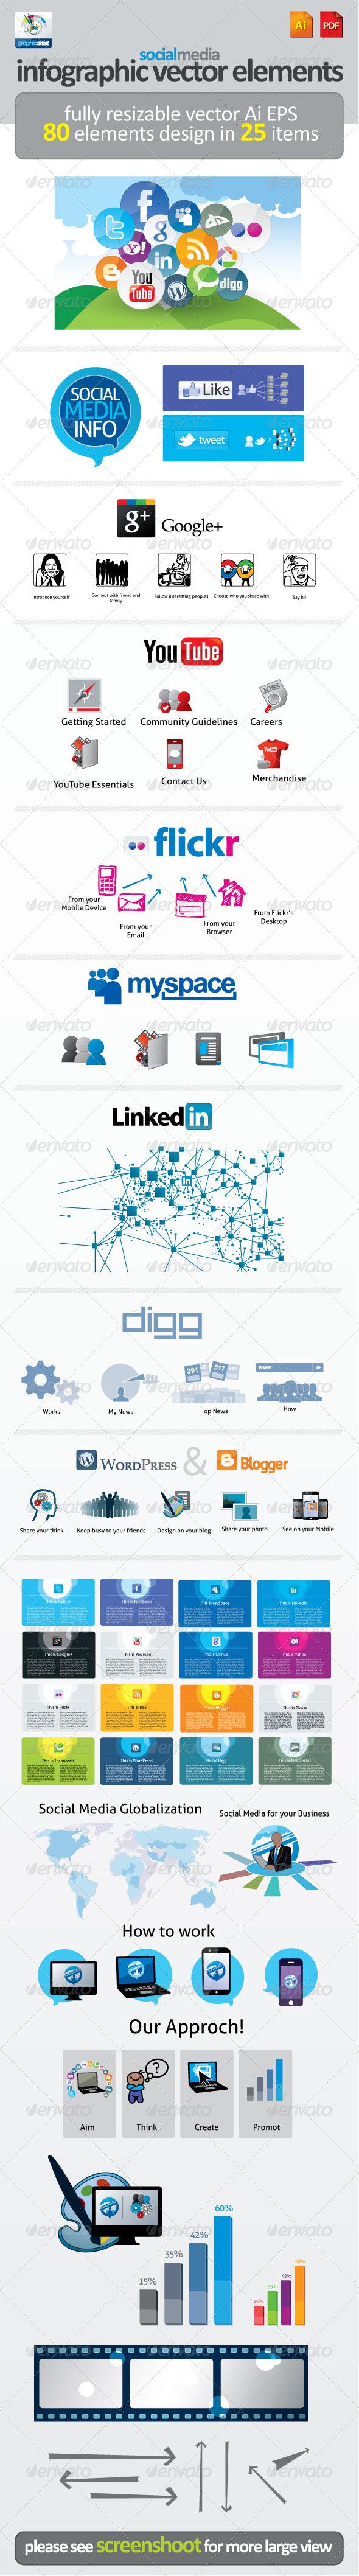 Social Media Infographic Vector Elements - Miscellaneous Vectors